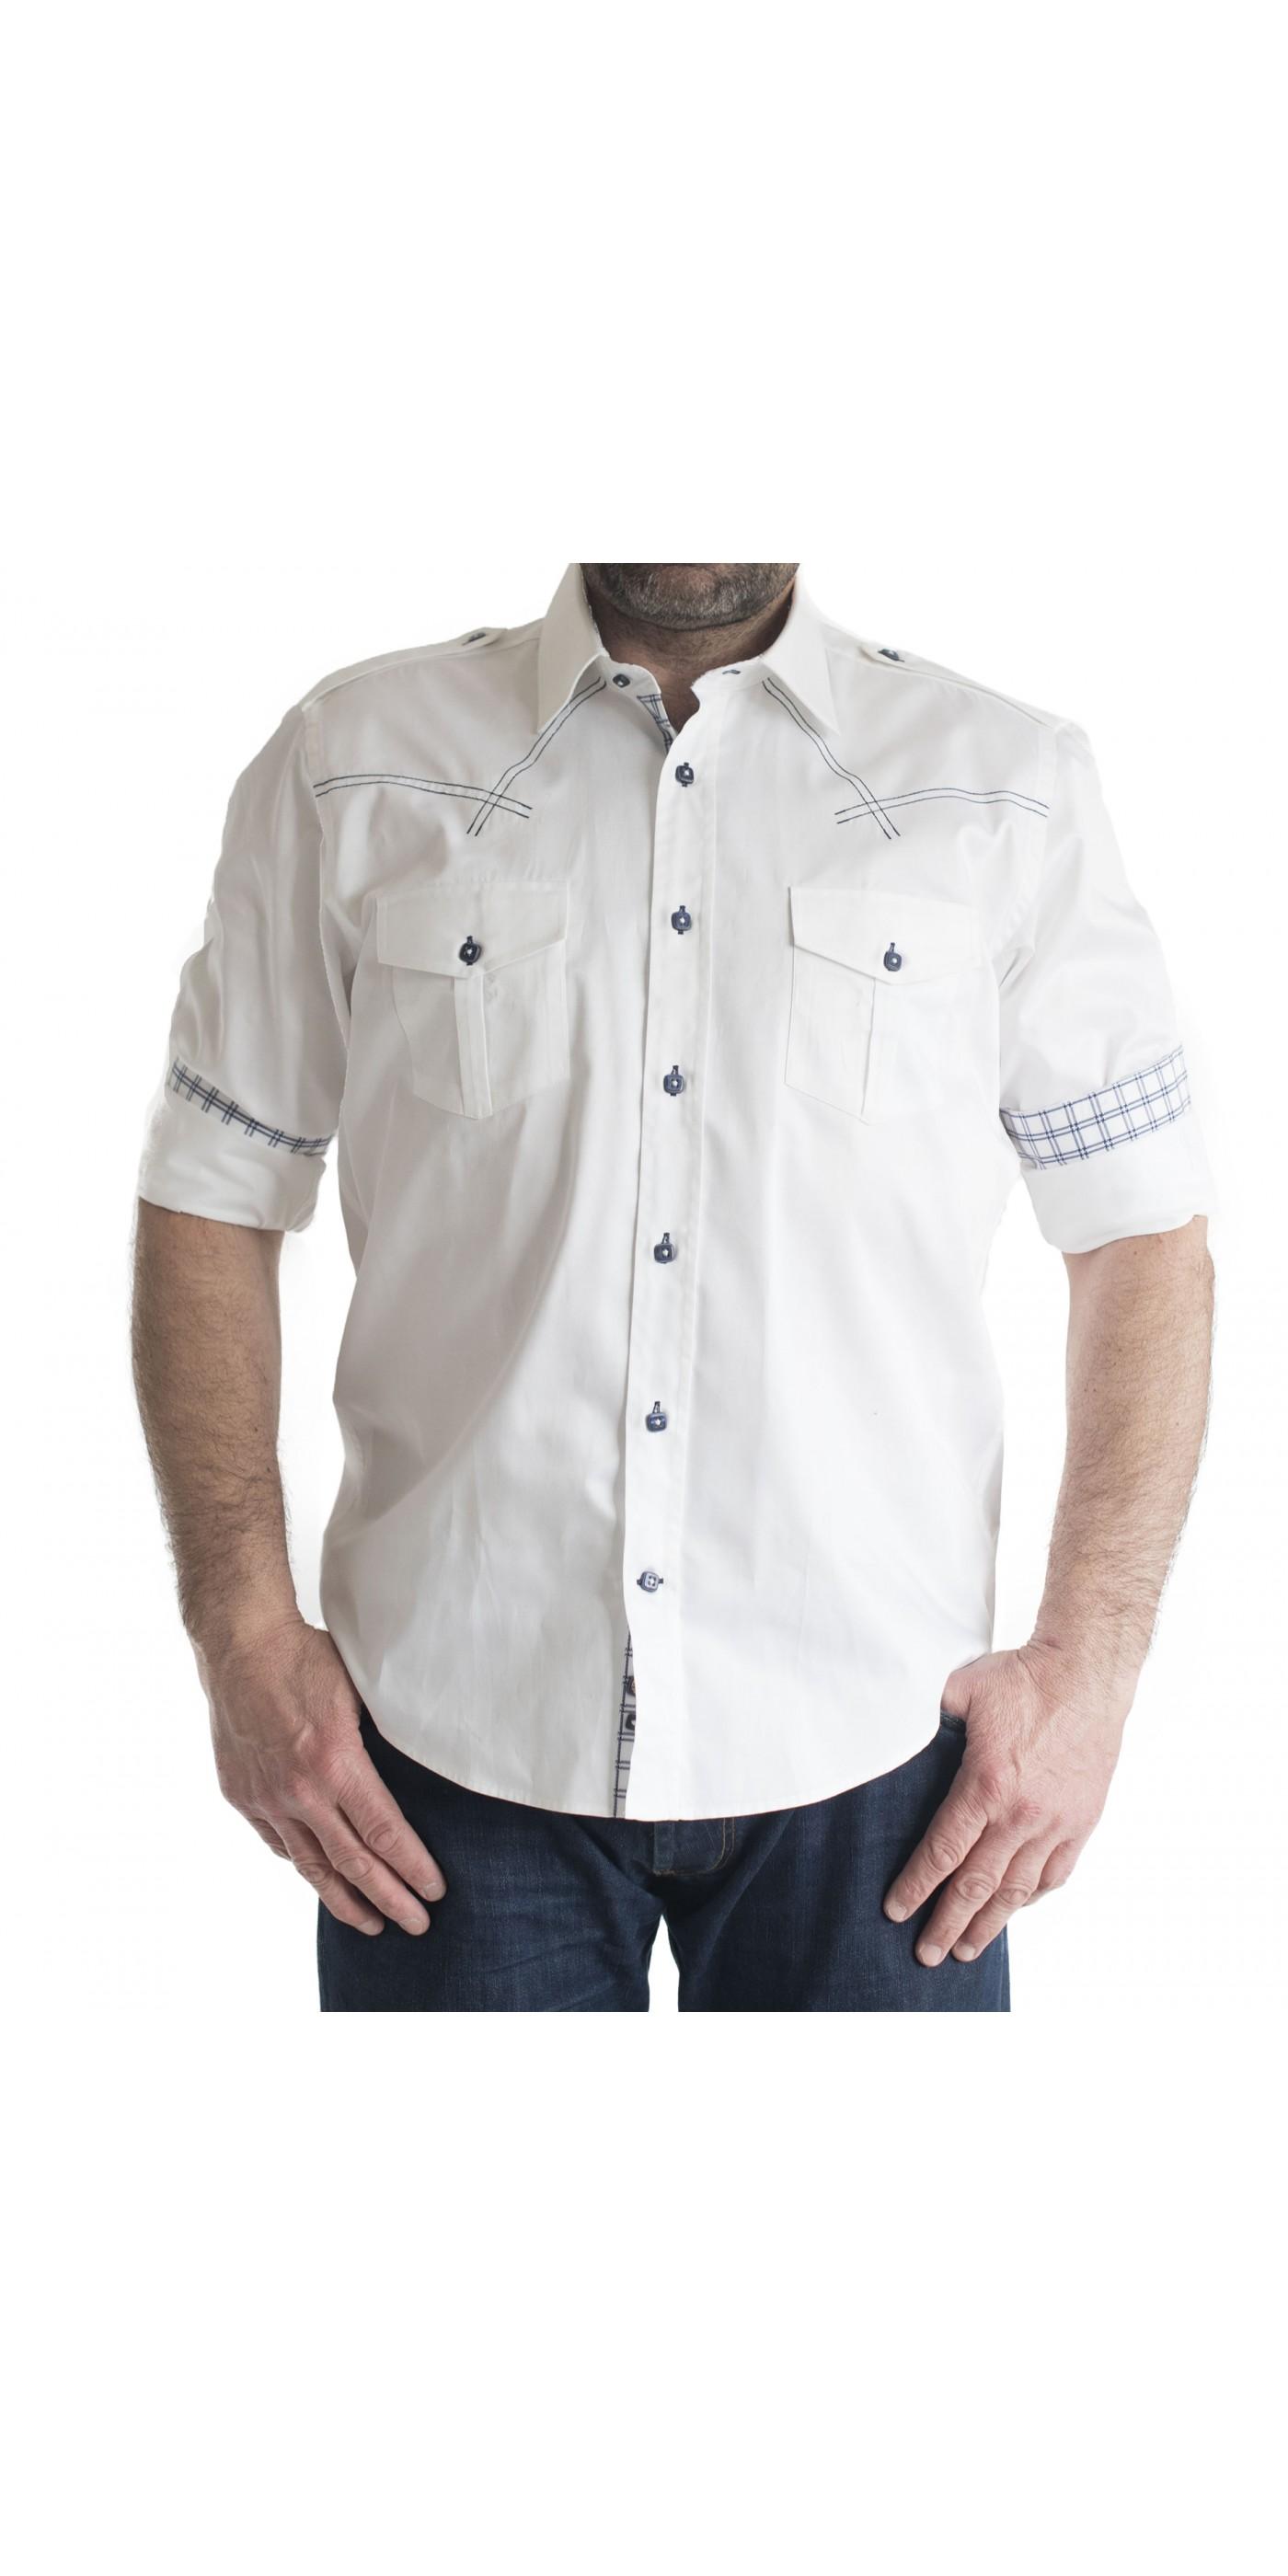 816cb47fe167 Ανδρικό Πουκάμισο Slim Fit μονοχρωμο λευκο με διπλη τσεπη και καρο επενδυση  στο γιακα. Loading zoom